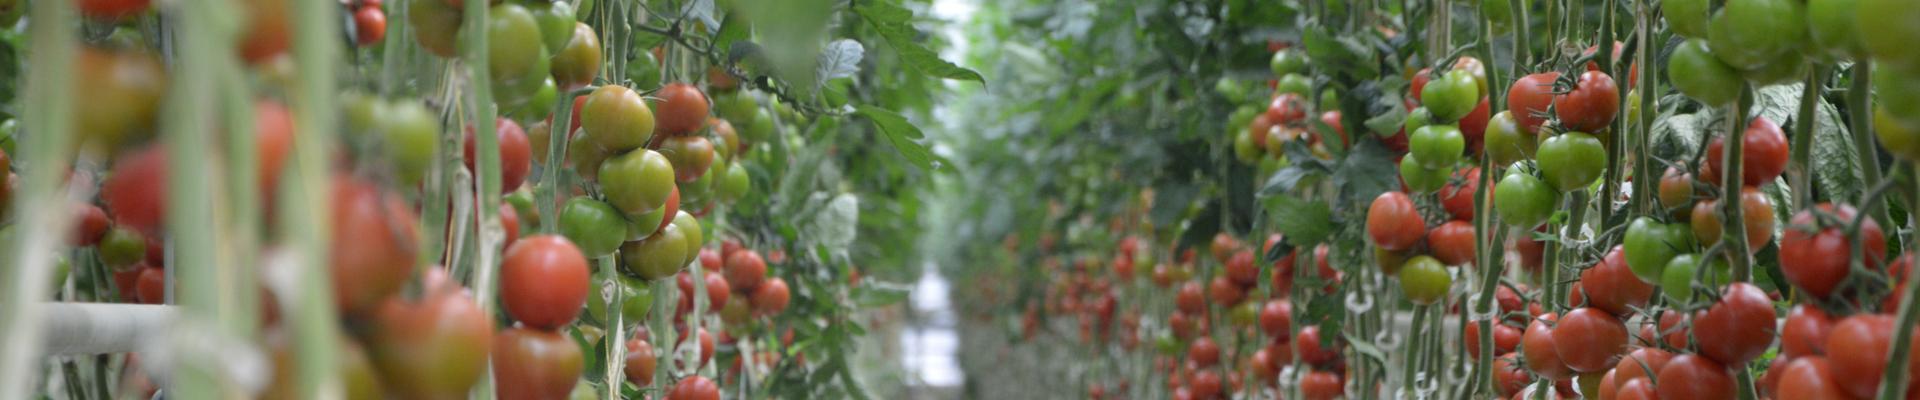 Primato Tomato